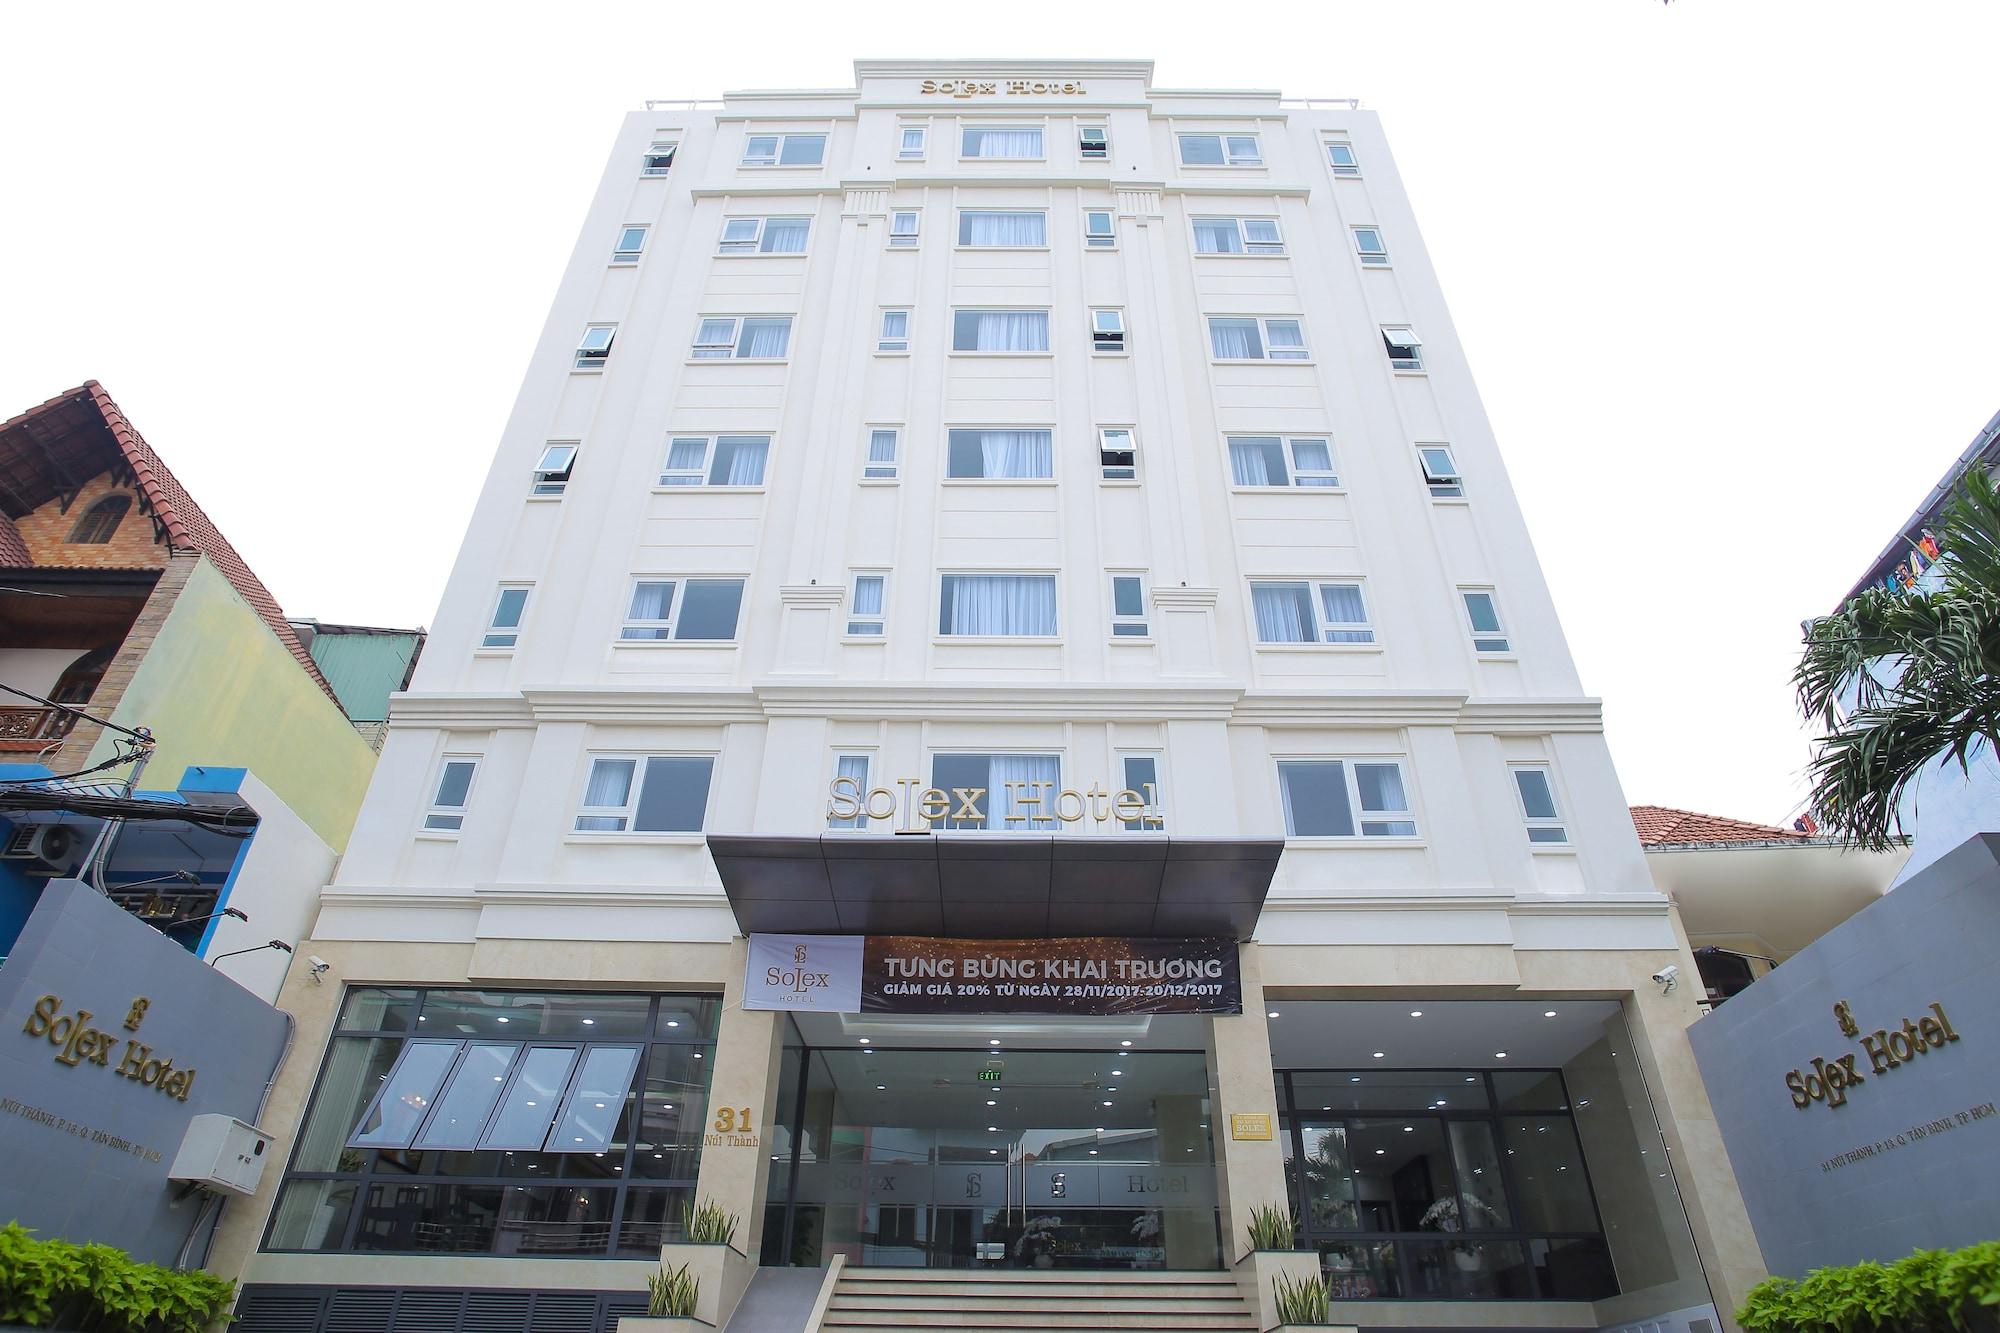 SoLex Hotel, Tân Bình